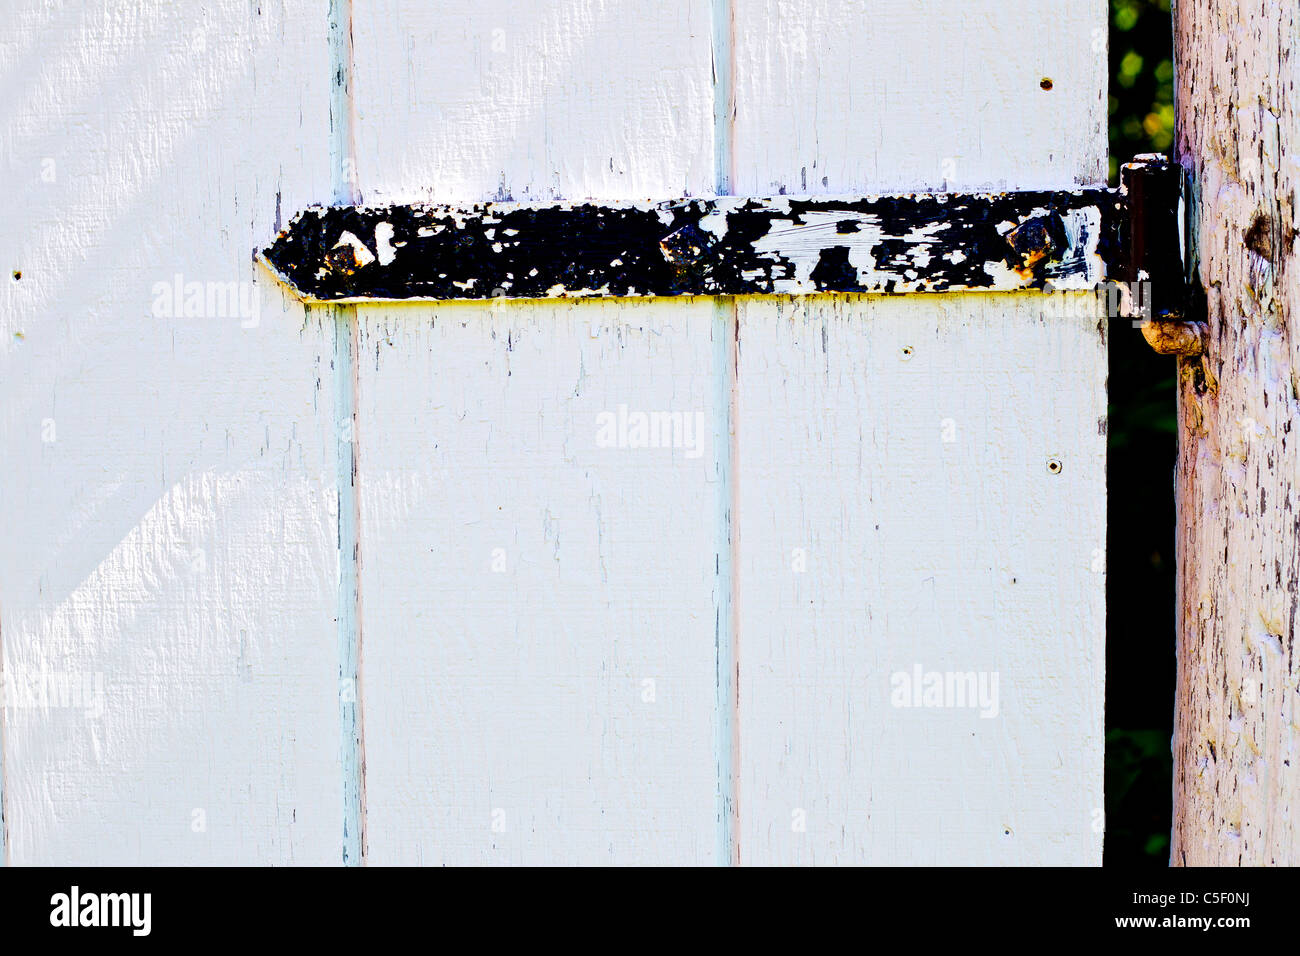 eine schwarze tür scharnier auf einer hölzernen weißen tor stockfoto